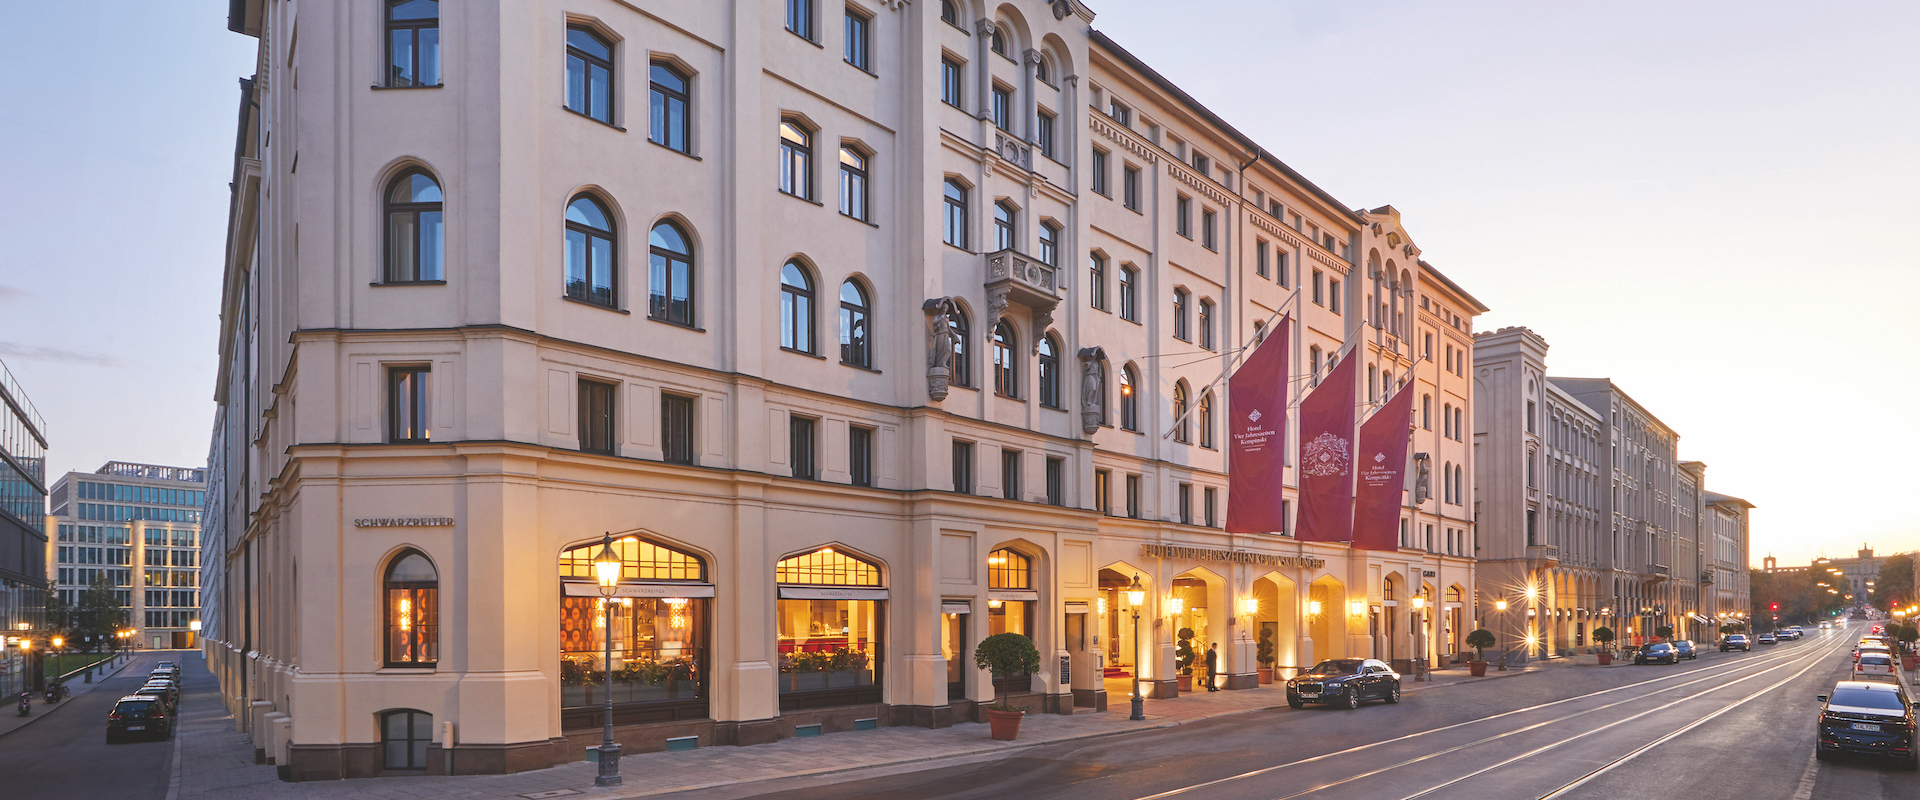 Hotel Vier Jahreszeiten Kempinski Munich Exterior.jpg